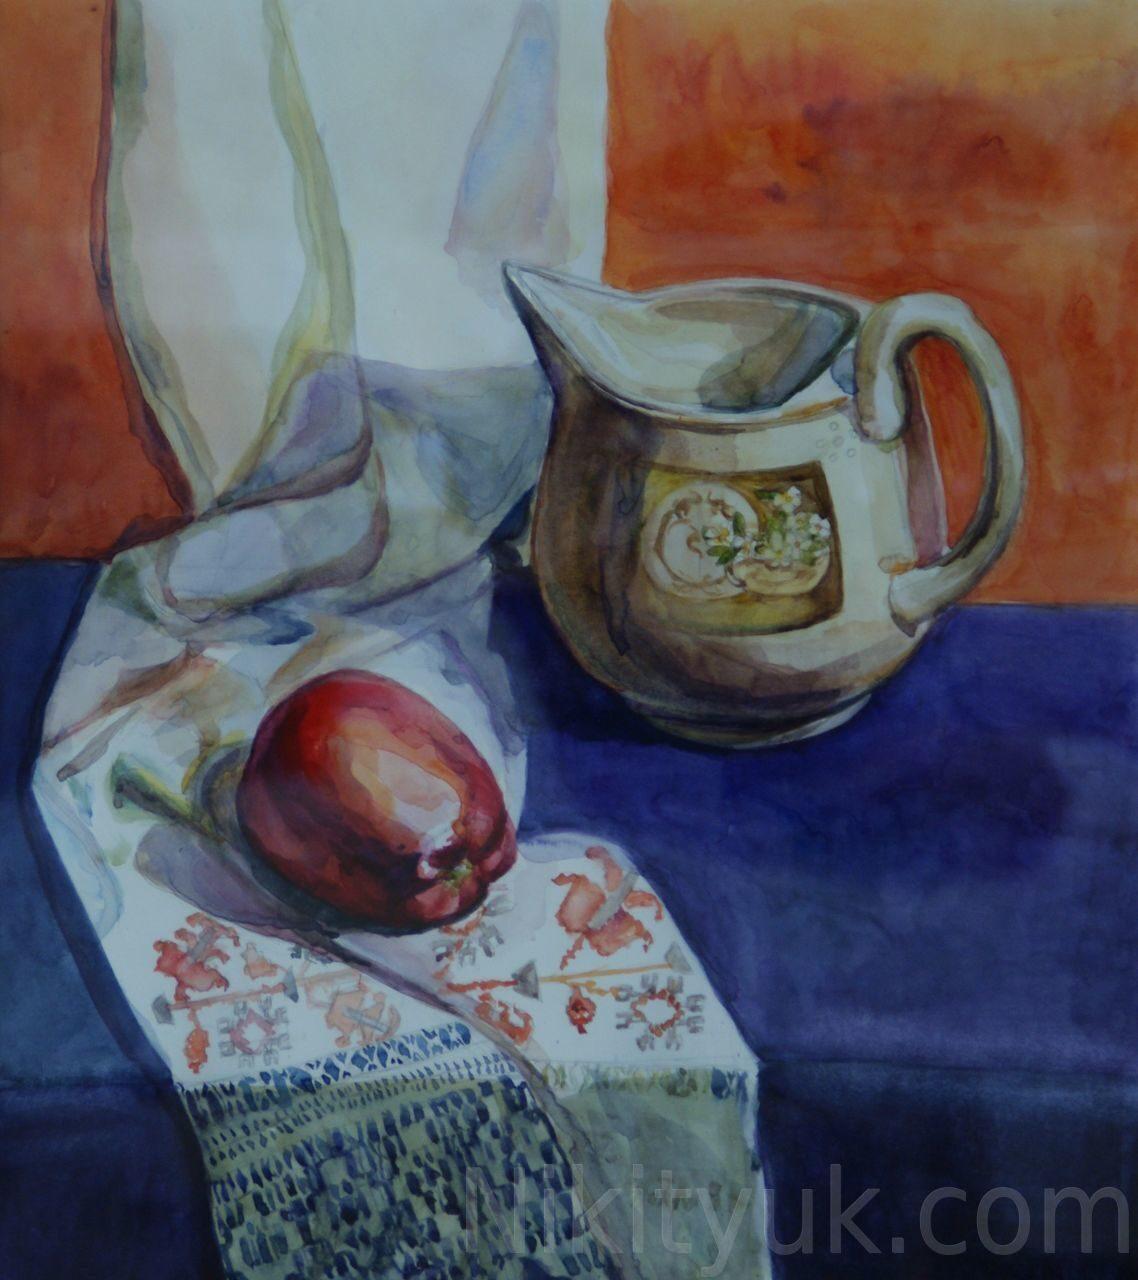 Ольга Баталова 30 лет, первый год обучения. Учебный натюрморт, бум., акв., 50х45см